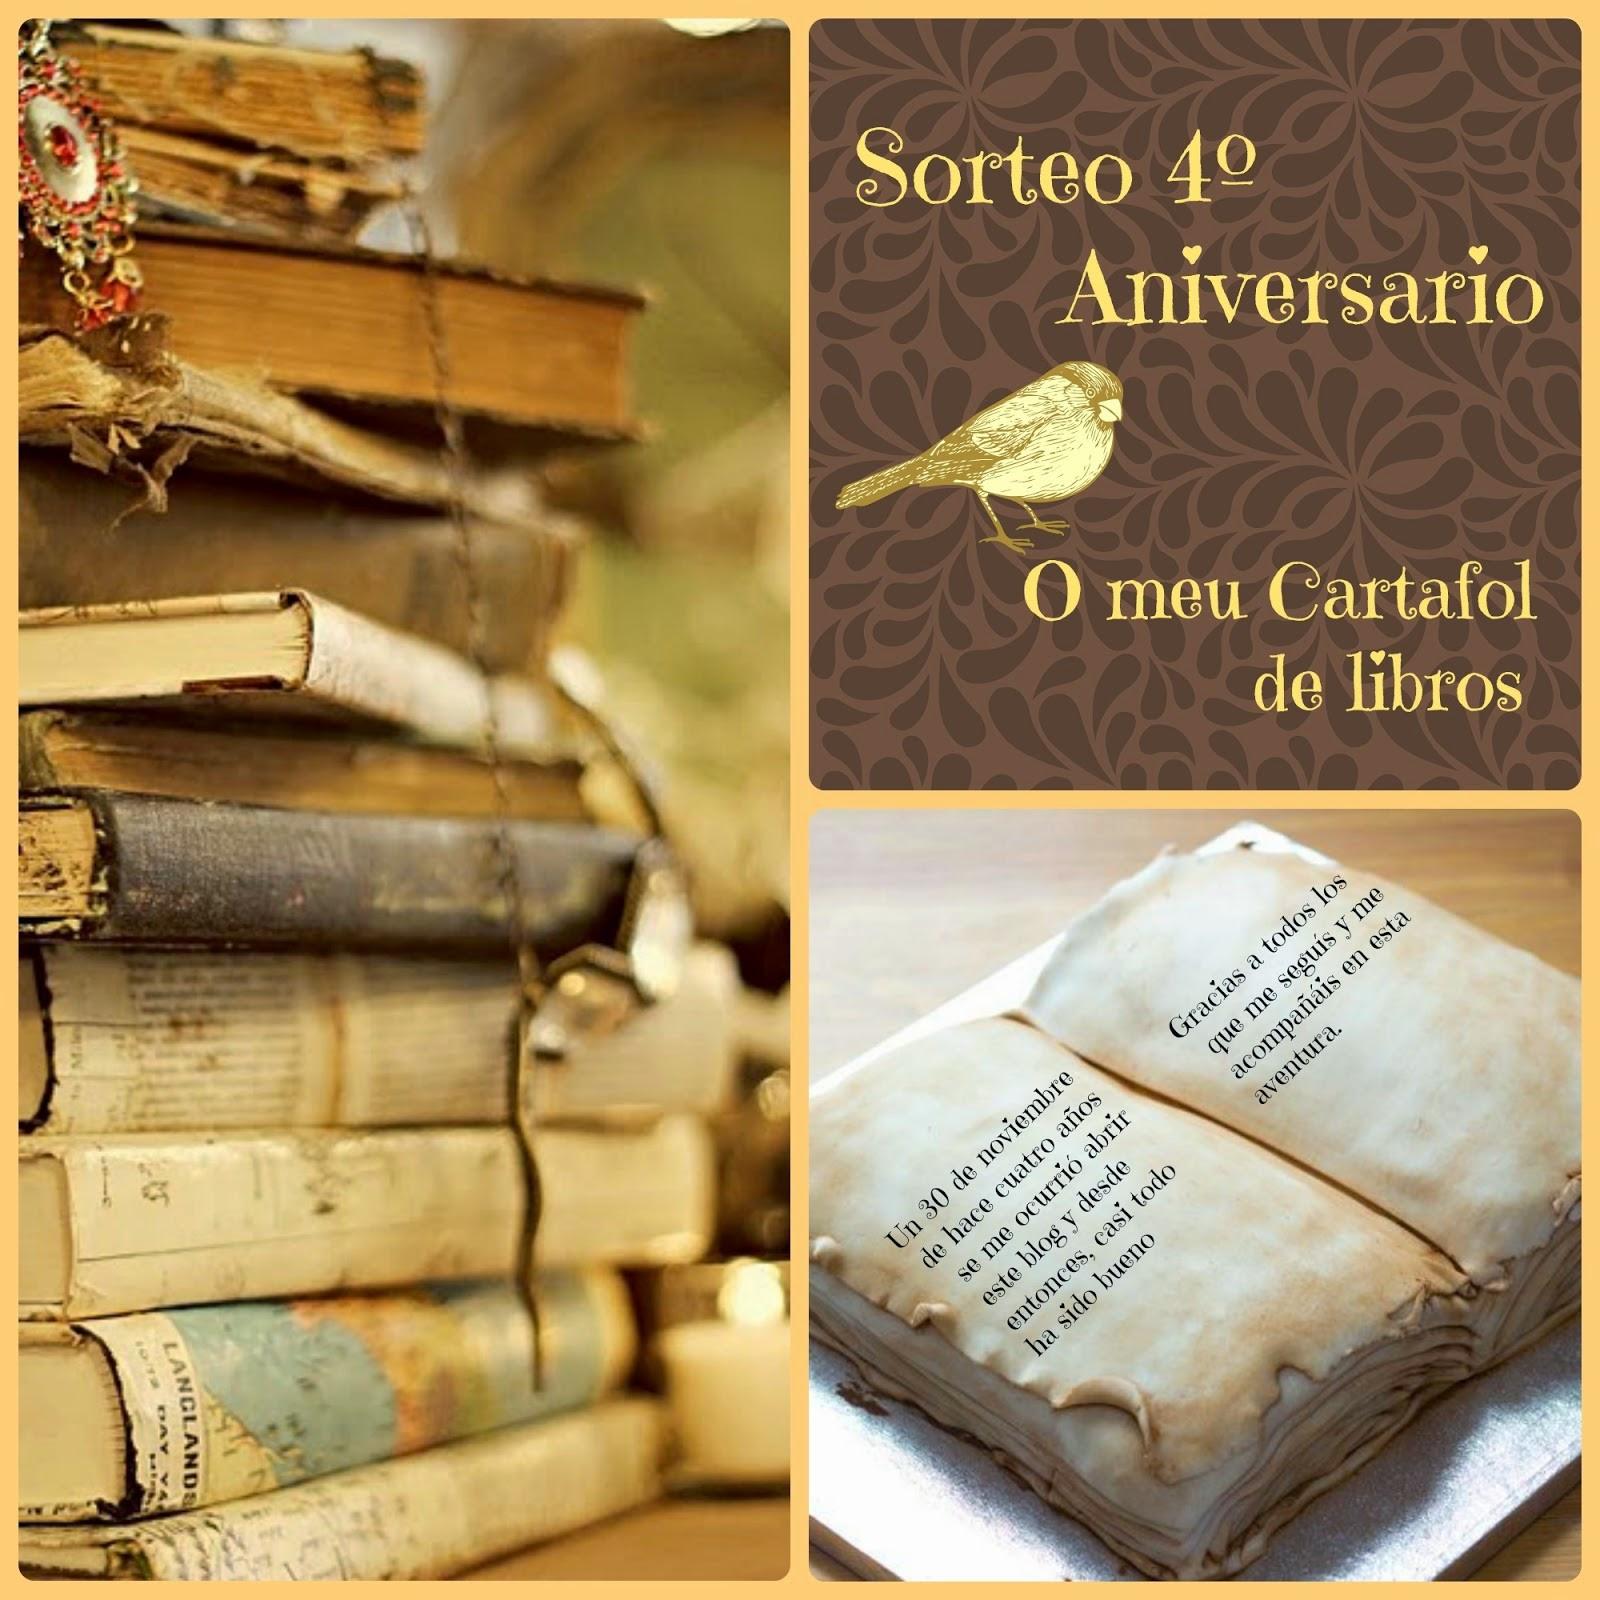 http://omeucartafoldelibros.blogspot.com.es/2014/11/sorteo-cuarto-aniversario.html